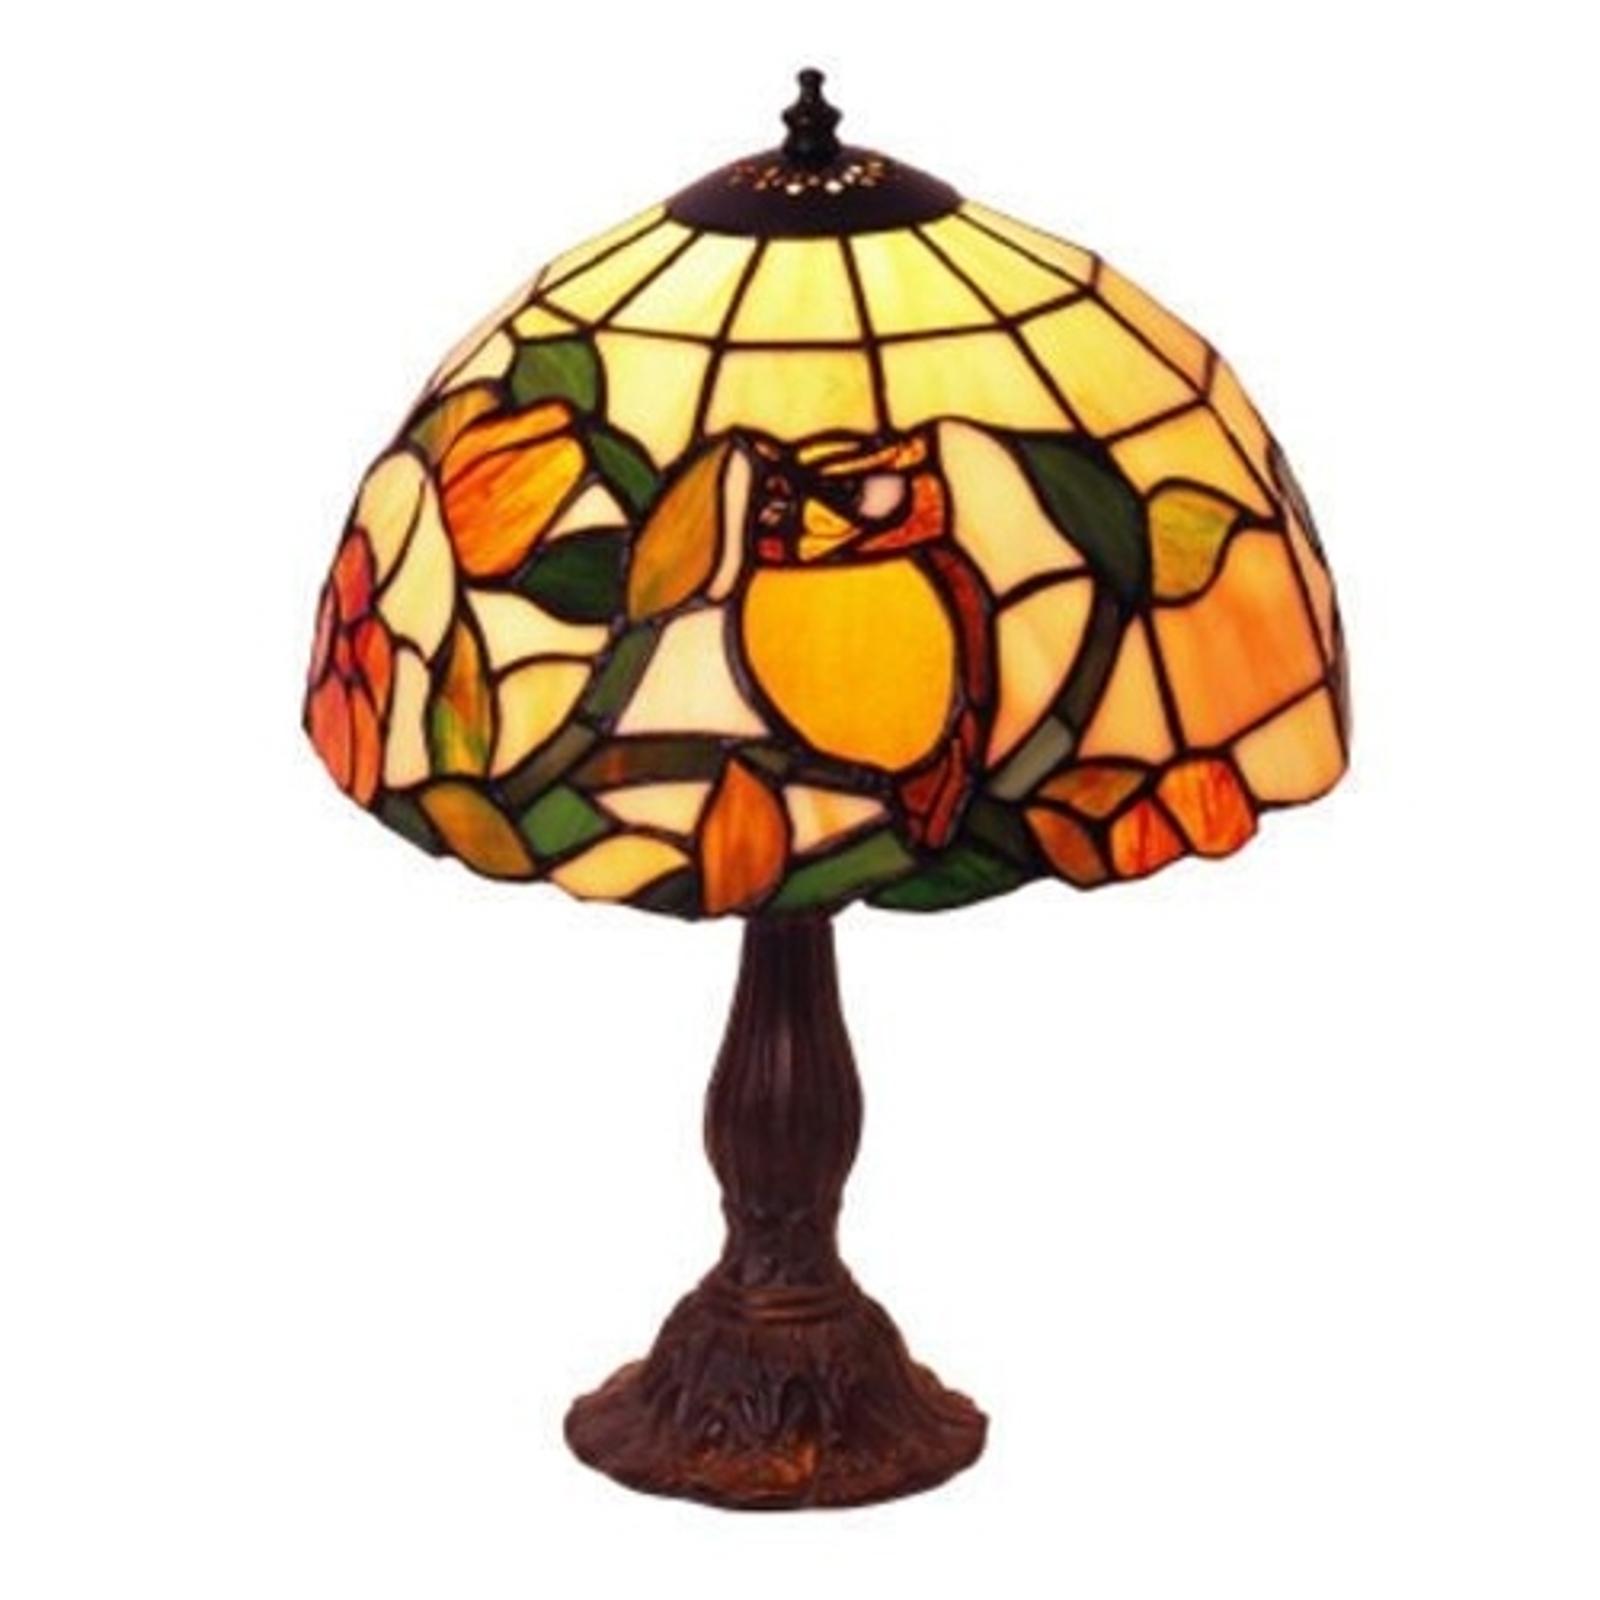 Lampa stołowa JULIANA w stylu Tiffany